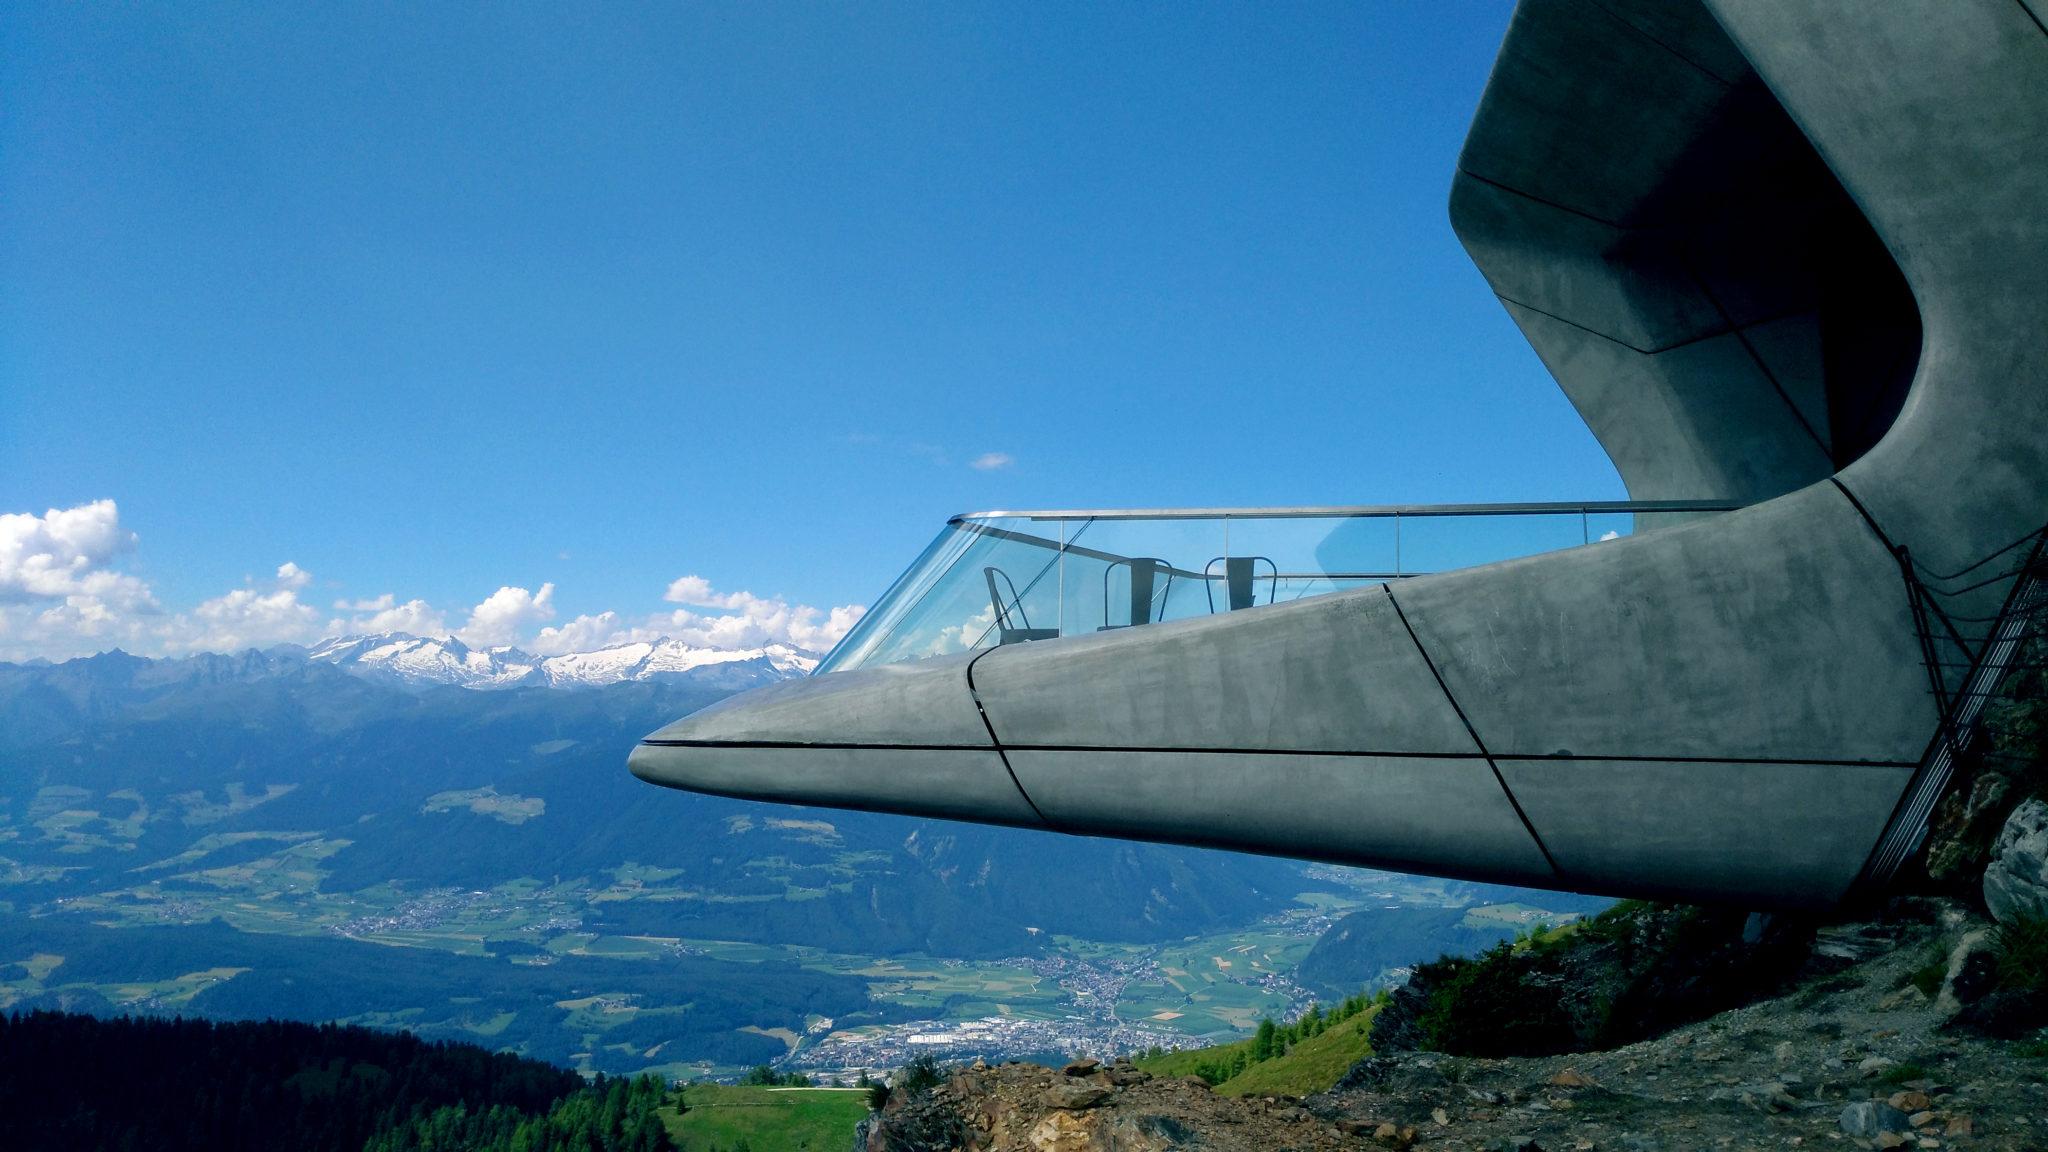 Il Messner Mountain Museum. Il matrimonio tra architettura e arte nel tempio sacro dell'alpinismo